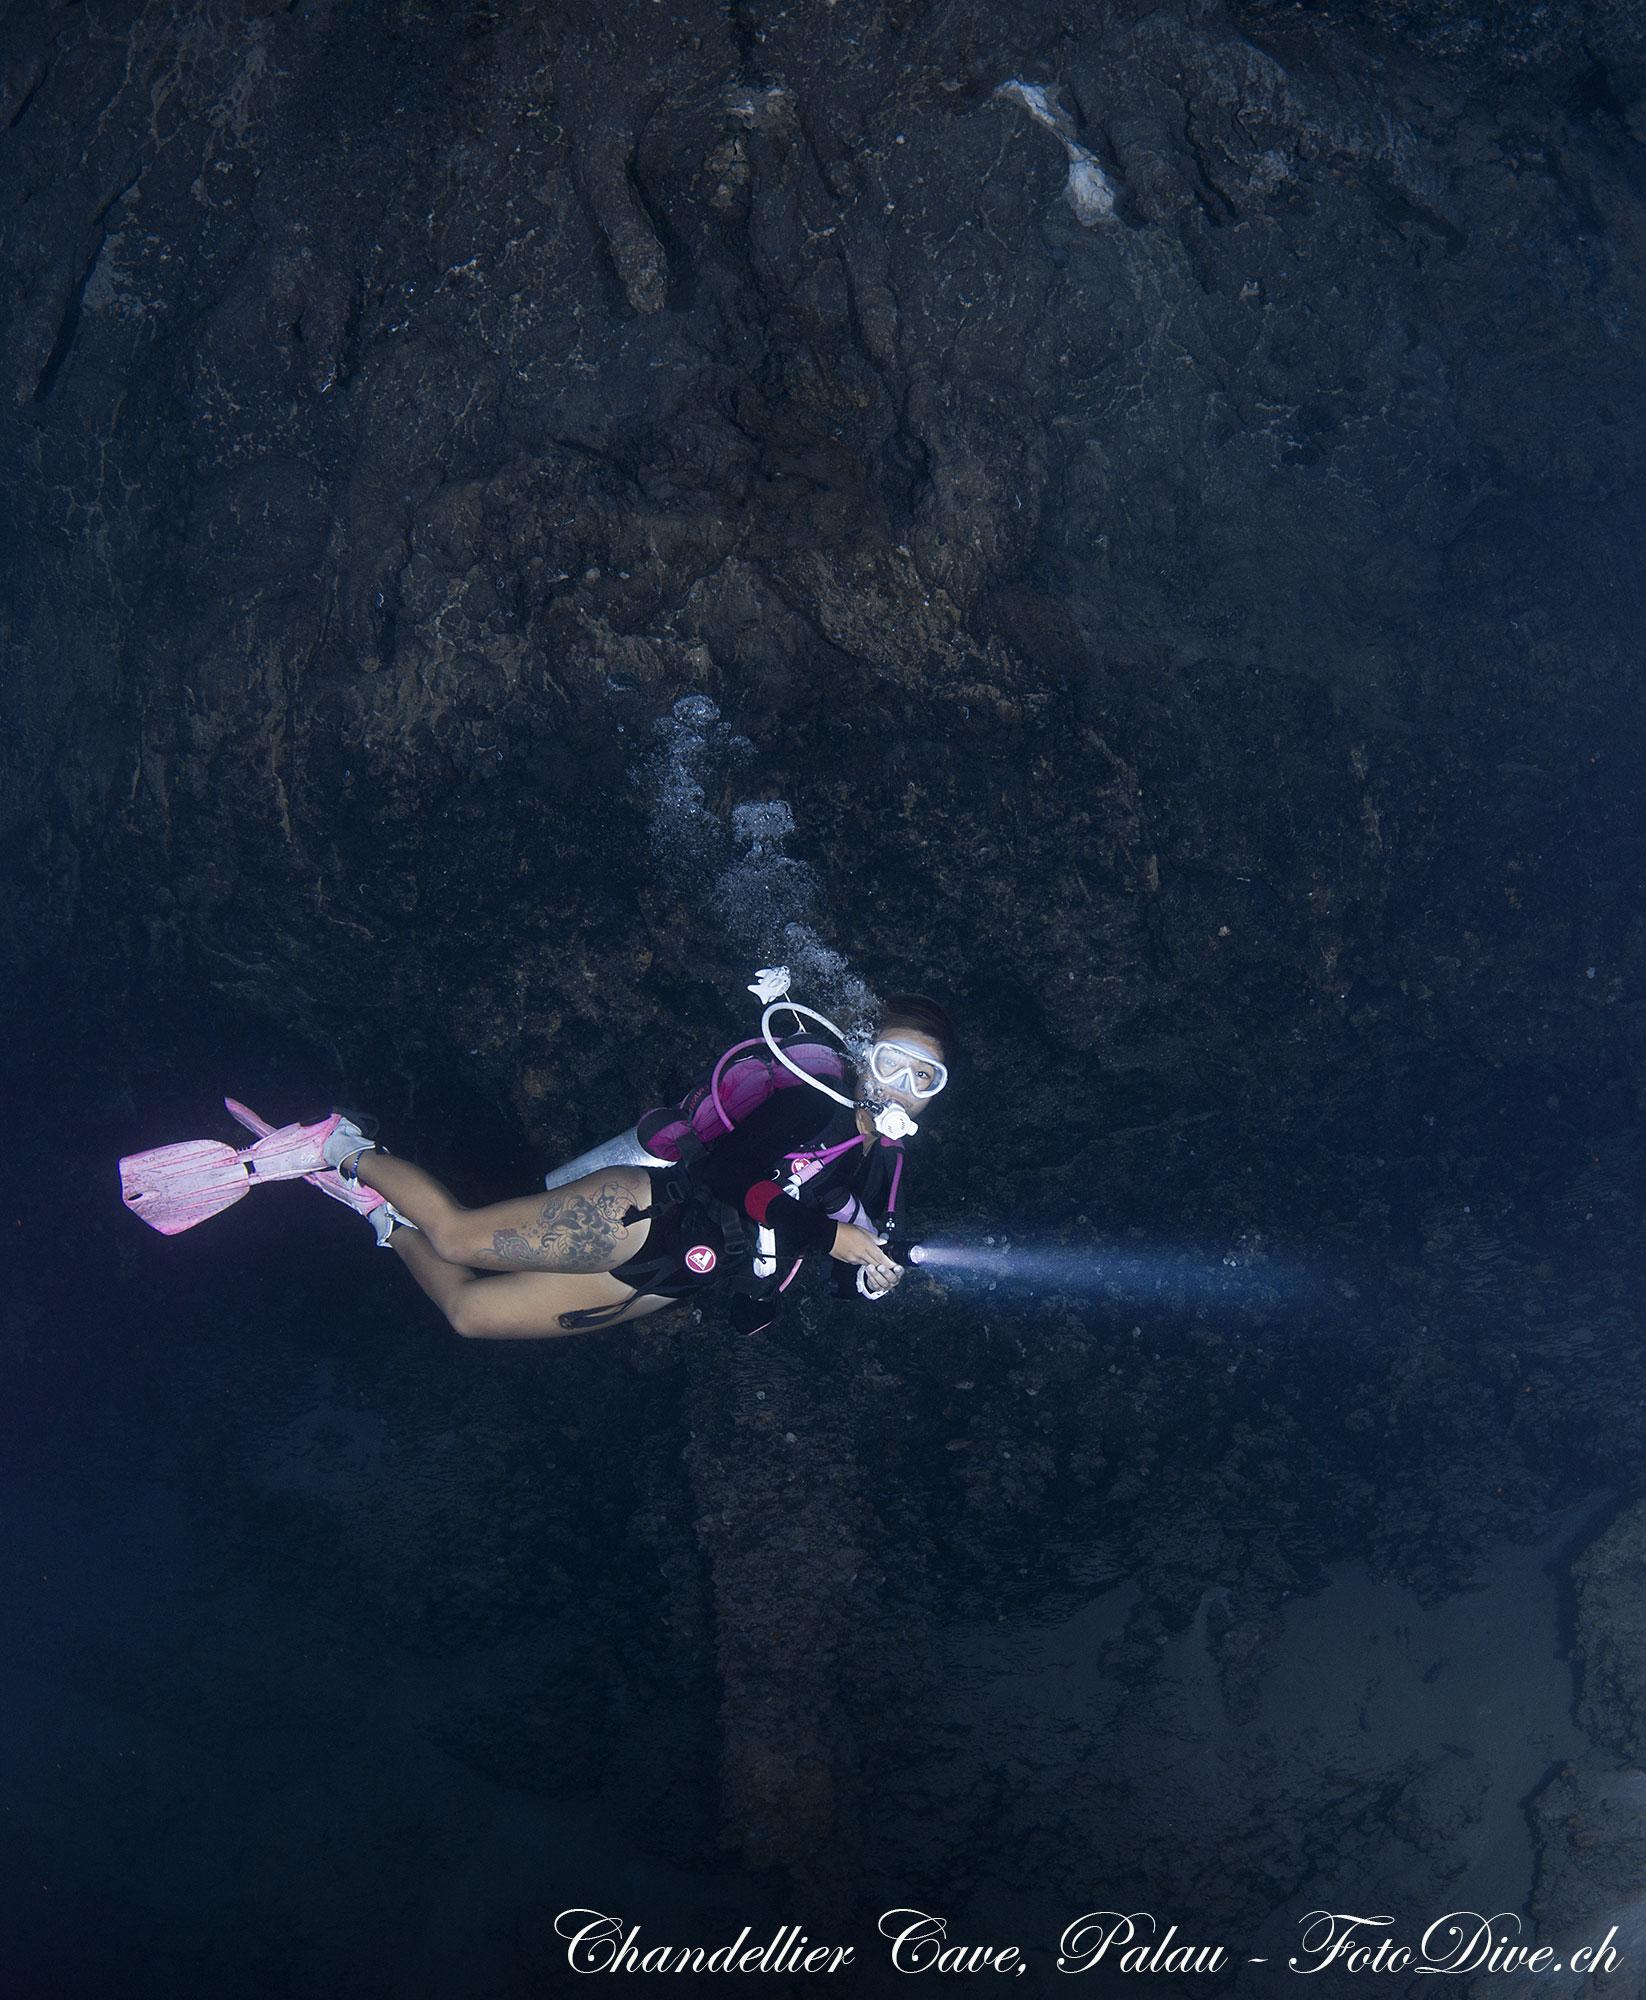 Chandelier Cave - Palau